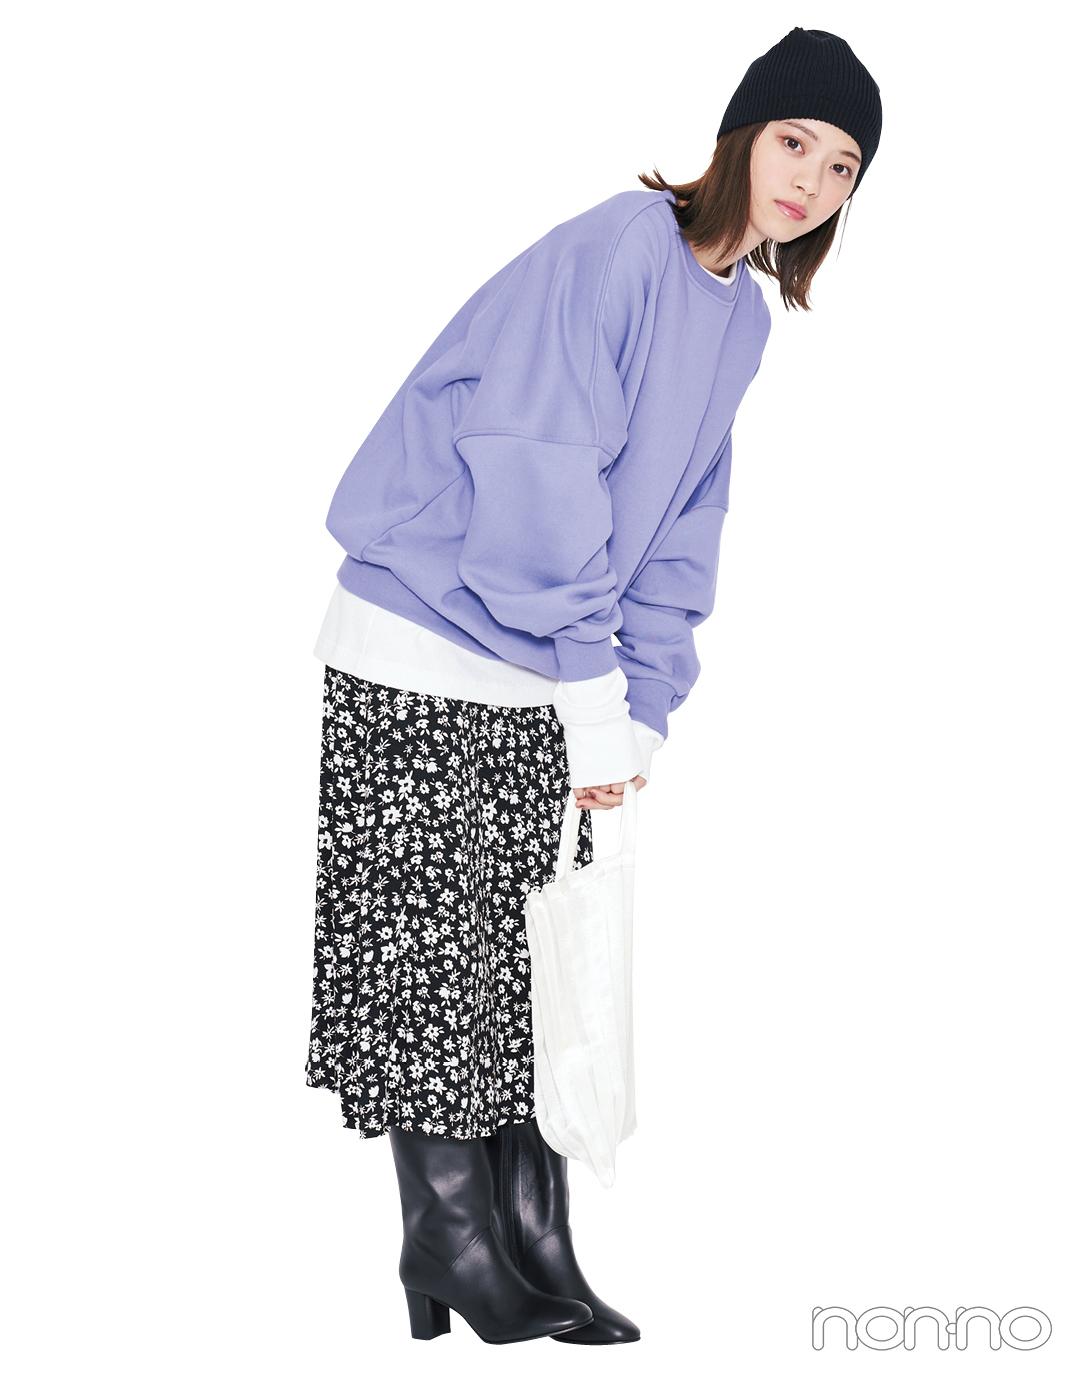 柄スカート、この秋はスリムフレアを選ぶとちょうどよく大人っぽい!_1_3-1